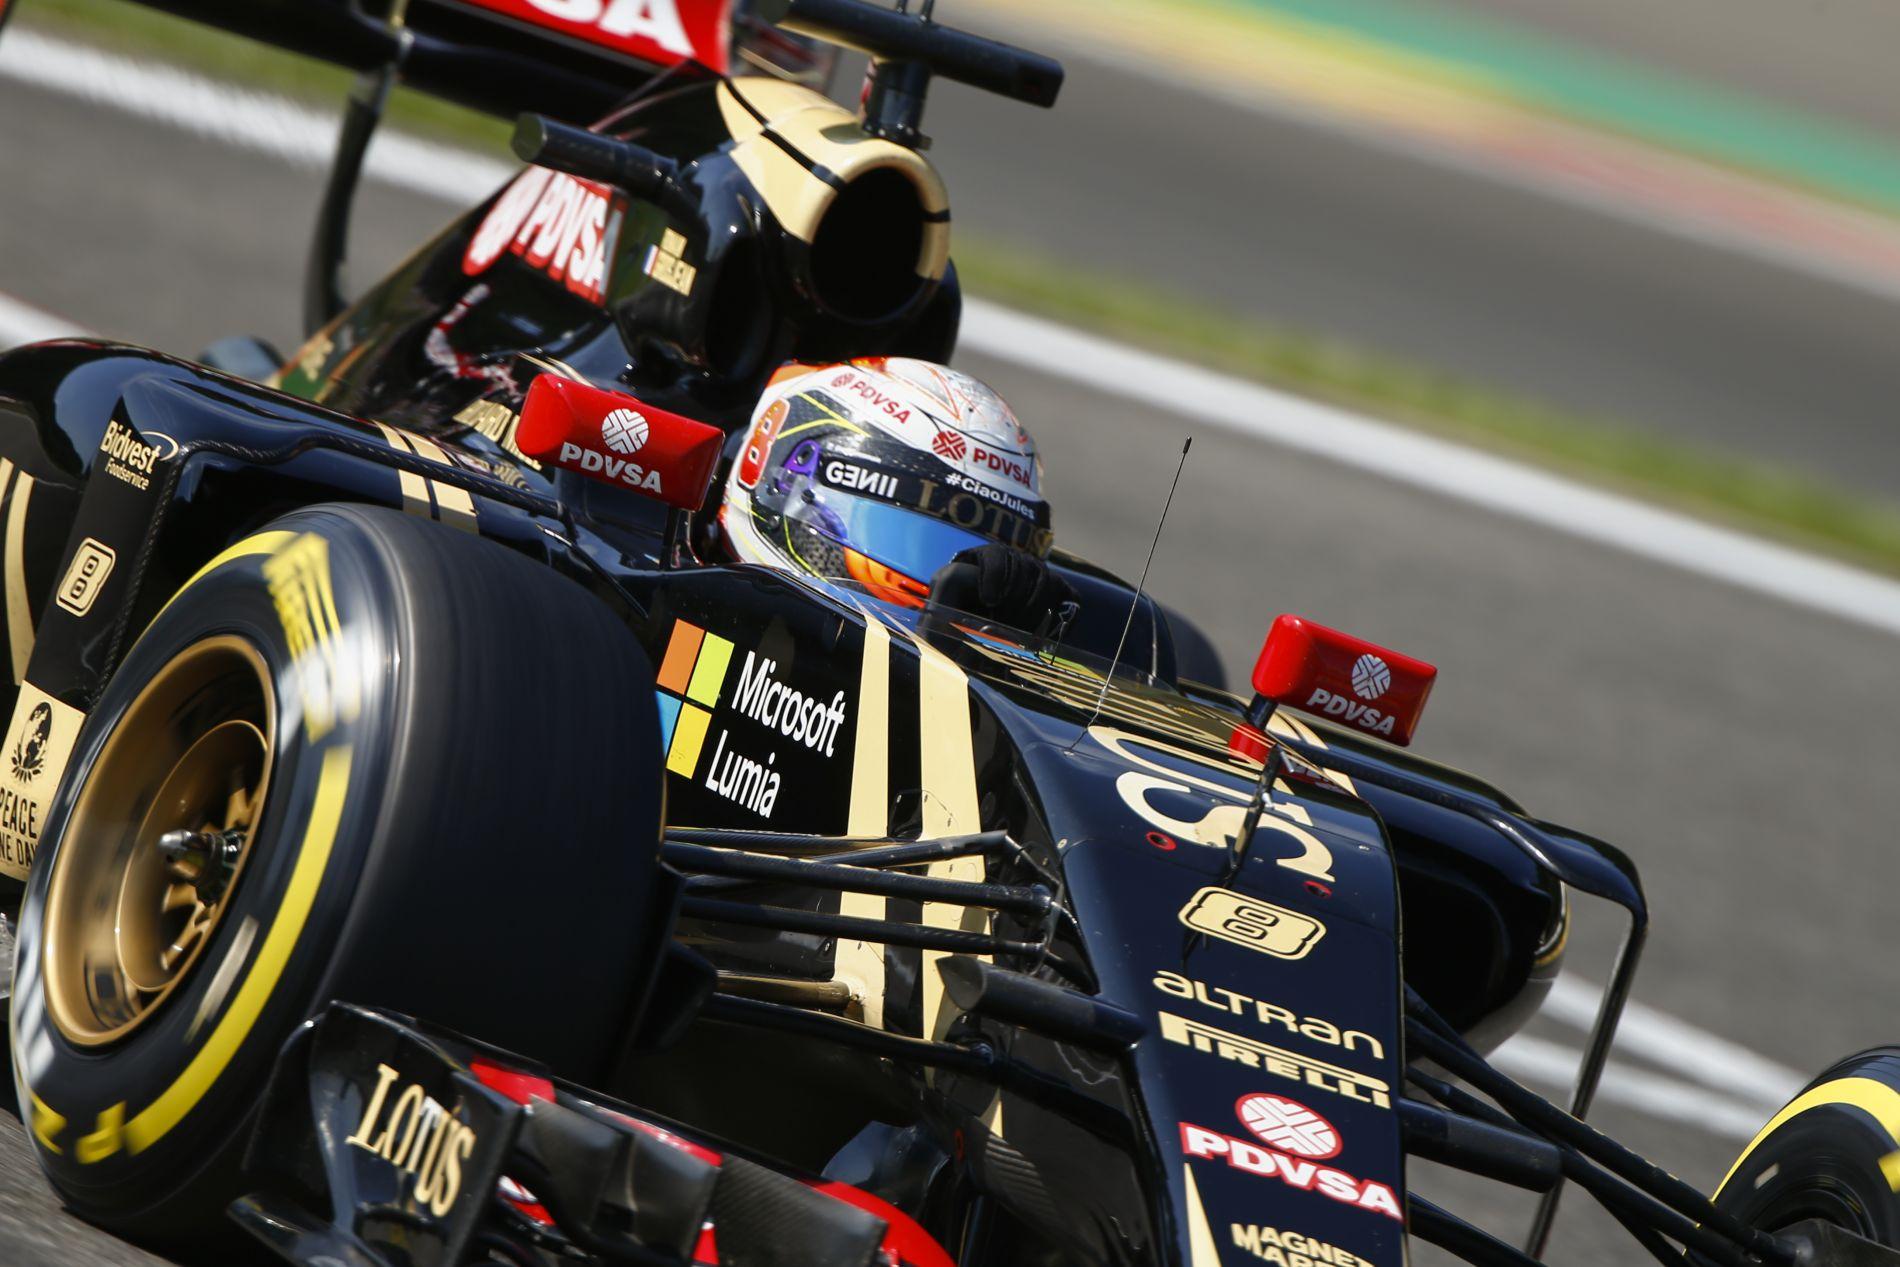 Változtat a Pirelli: Monzára már szigorúbb értékeket szabnak ki a csapatoknak